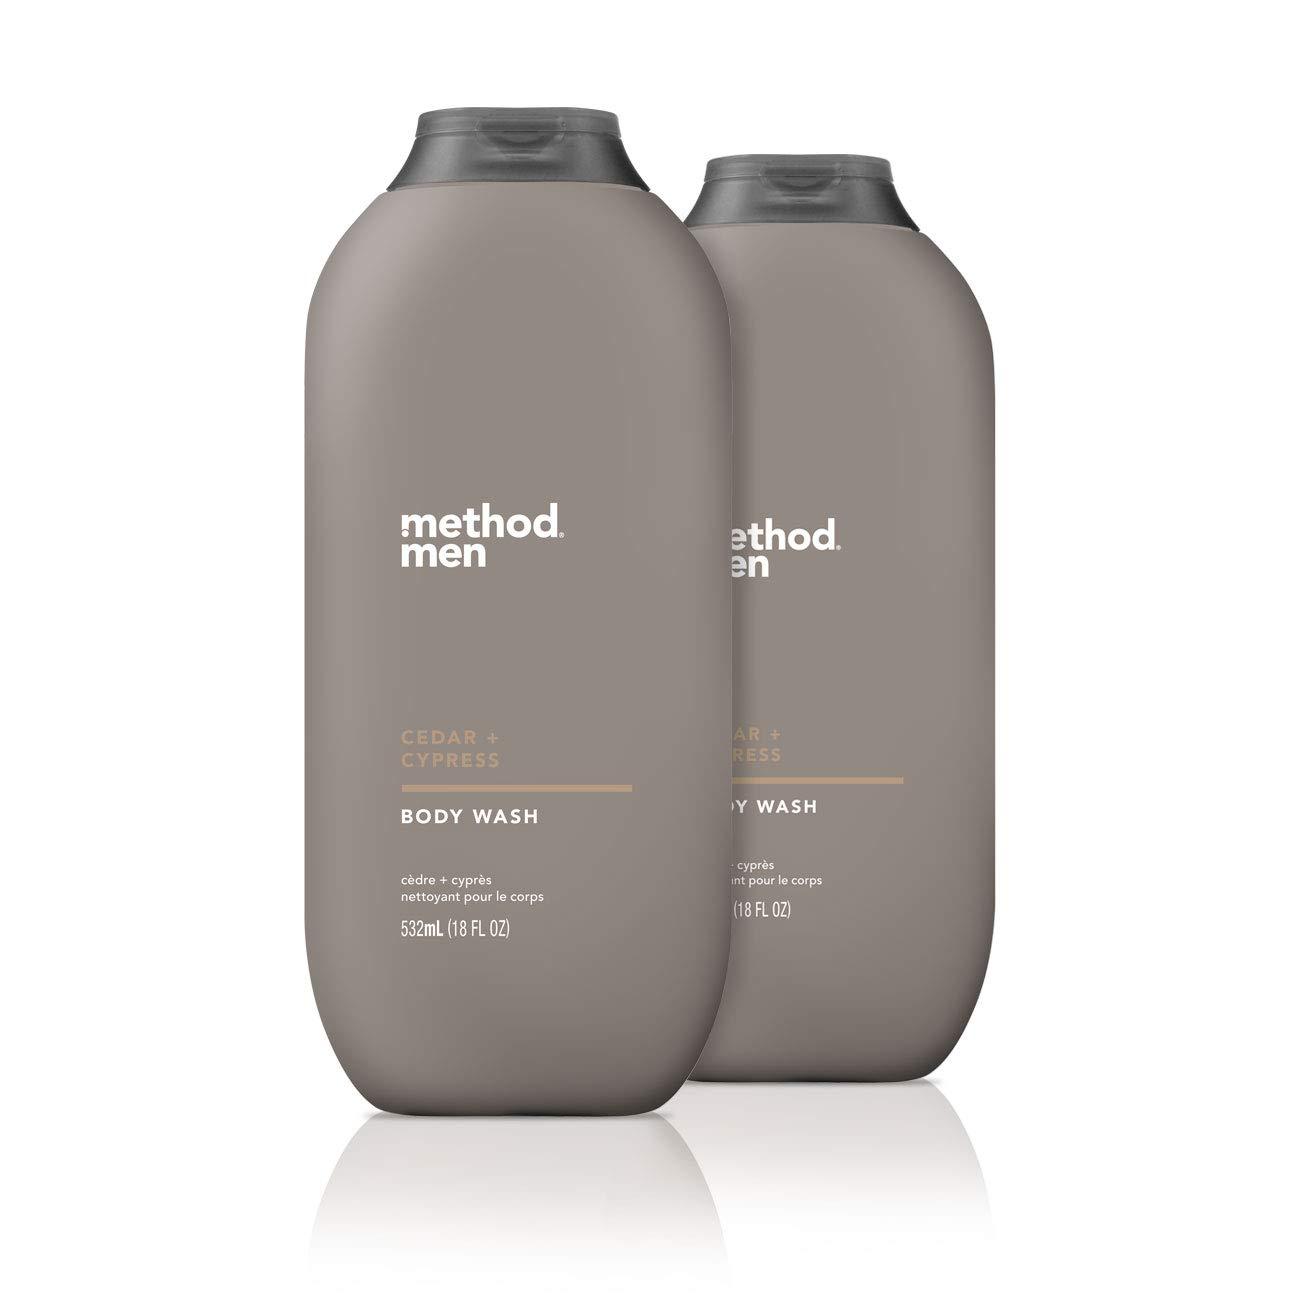 Method Men, Cedar + Cypress Body Wash, 18oz (2 Pack)